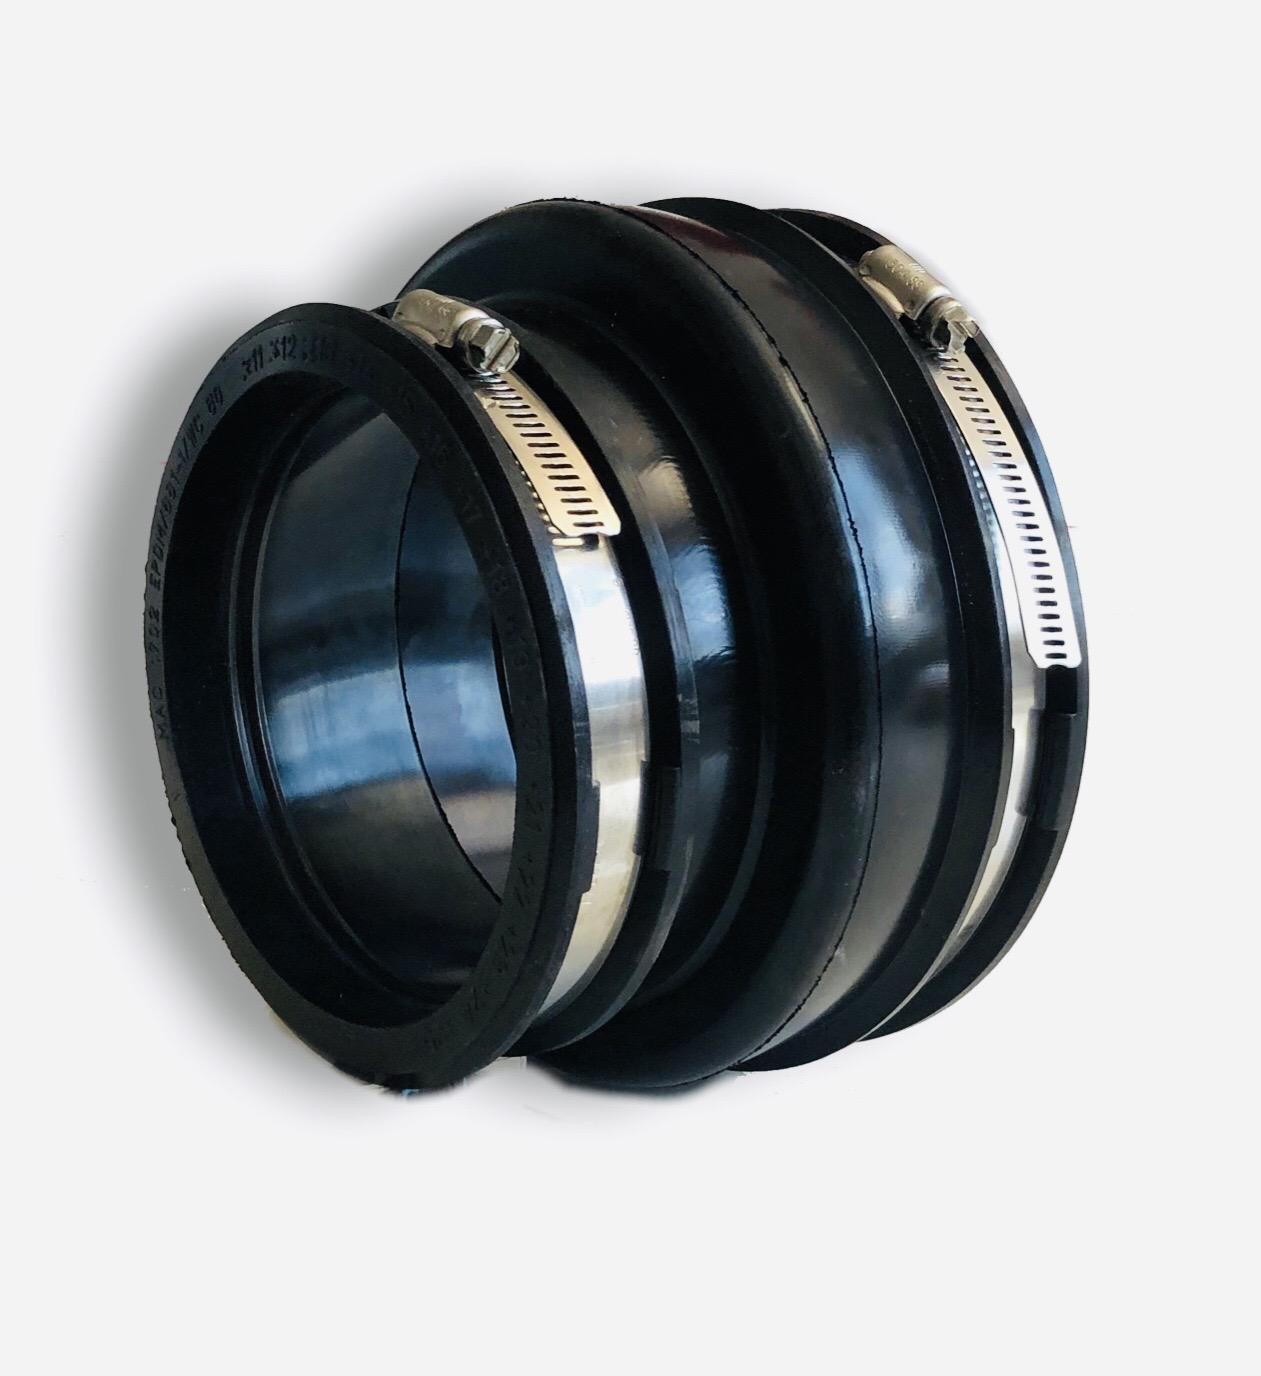 Adapterkupplung für Fensterdüse mit Anschluss 160mm und Reduzierung auf 110 – 125mm